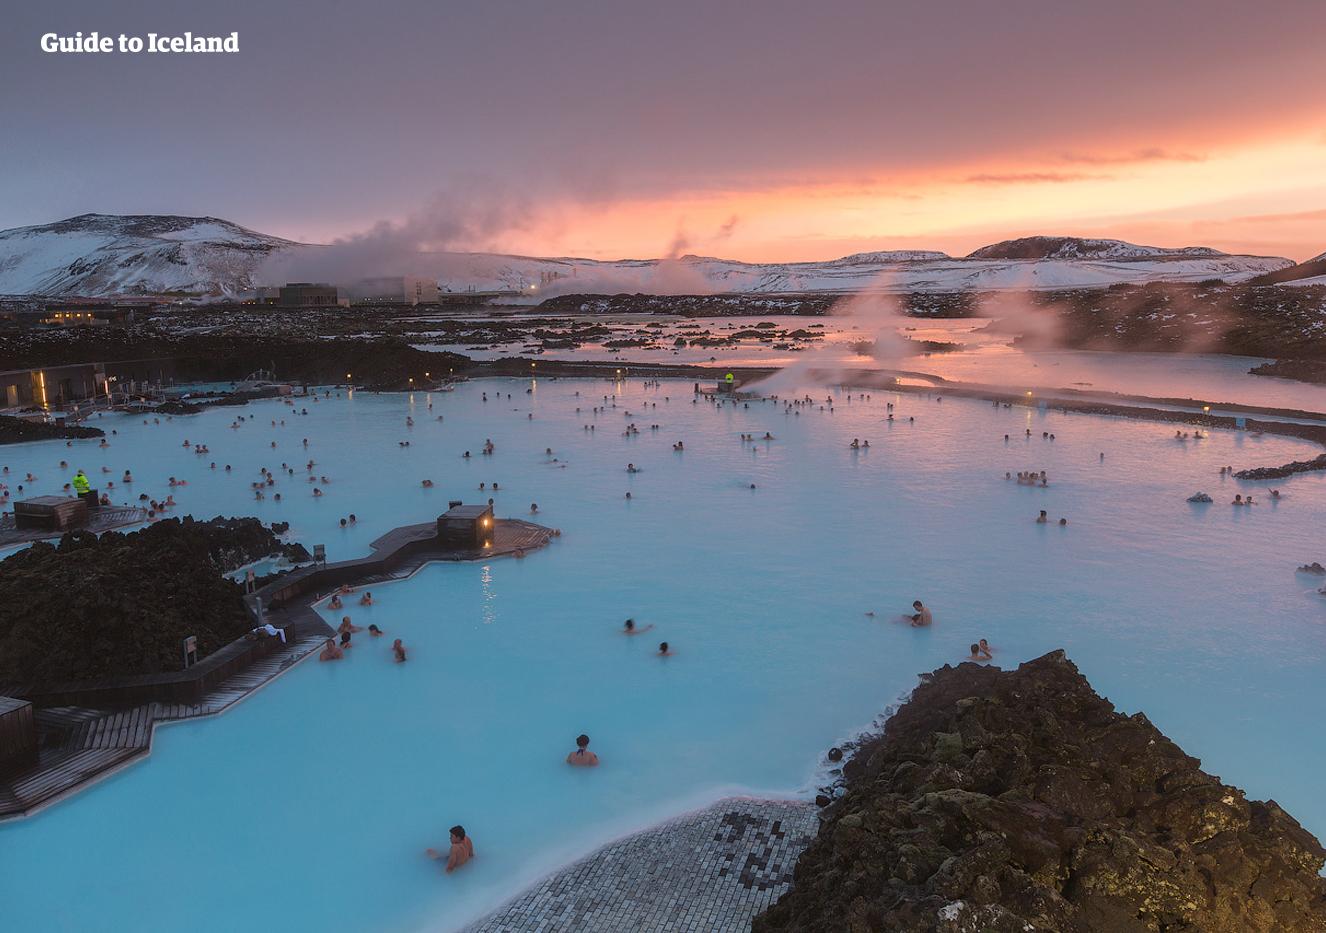 アイスランドの温泉といえばレイキャネス半島にあるブルーラグーン。